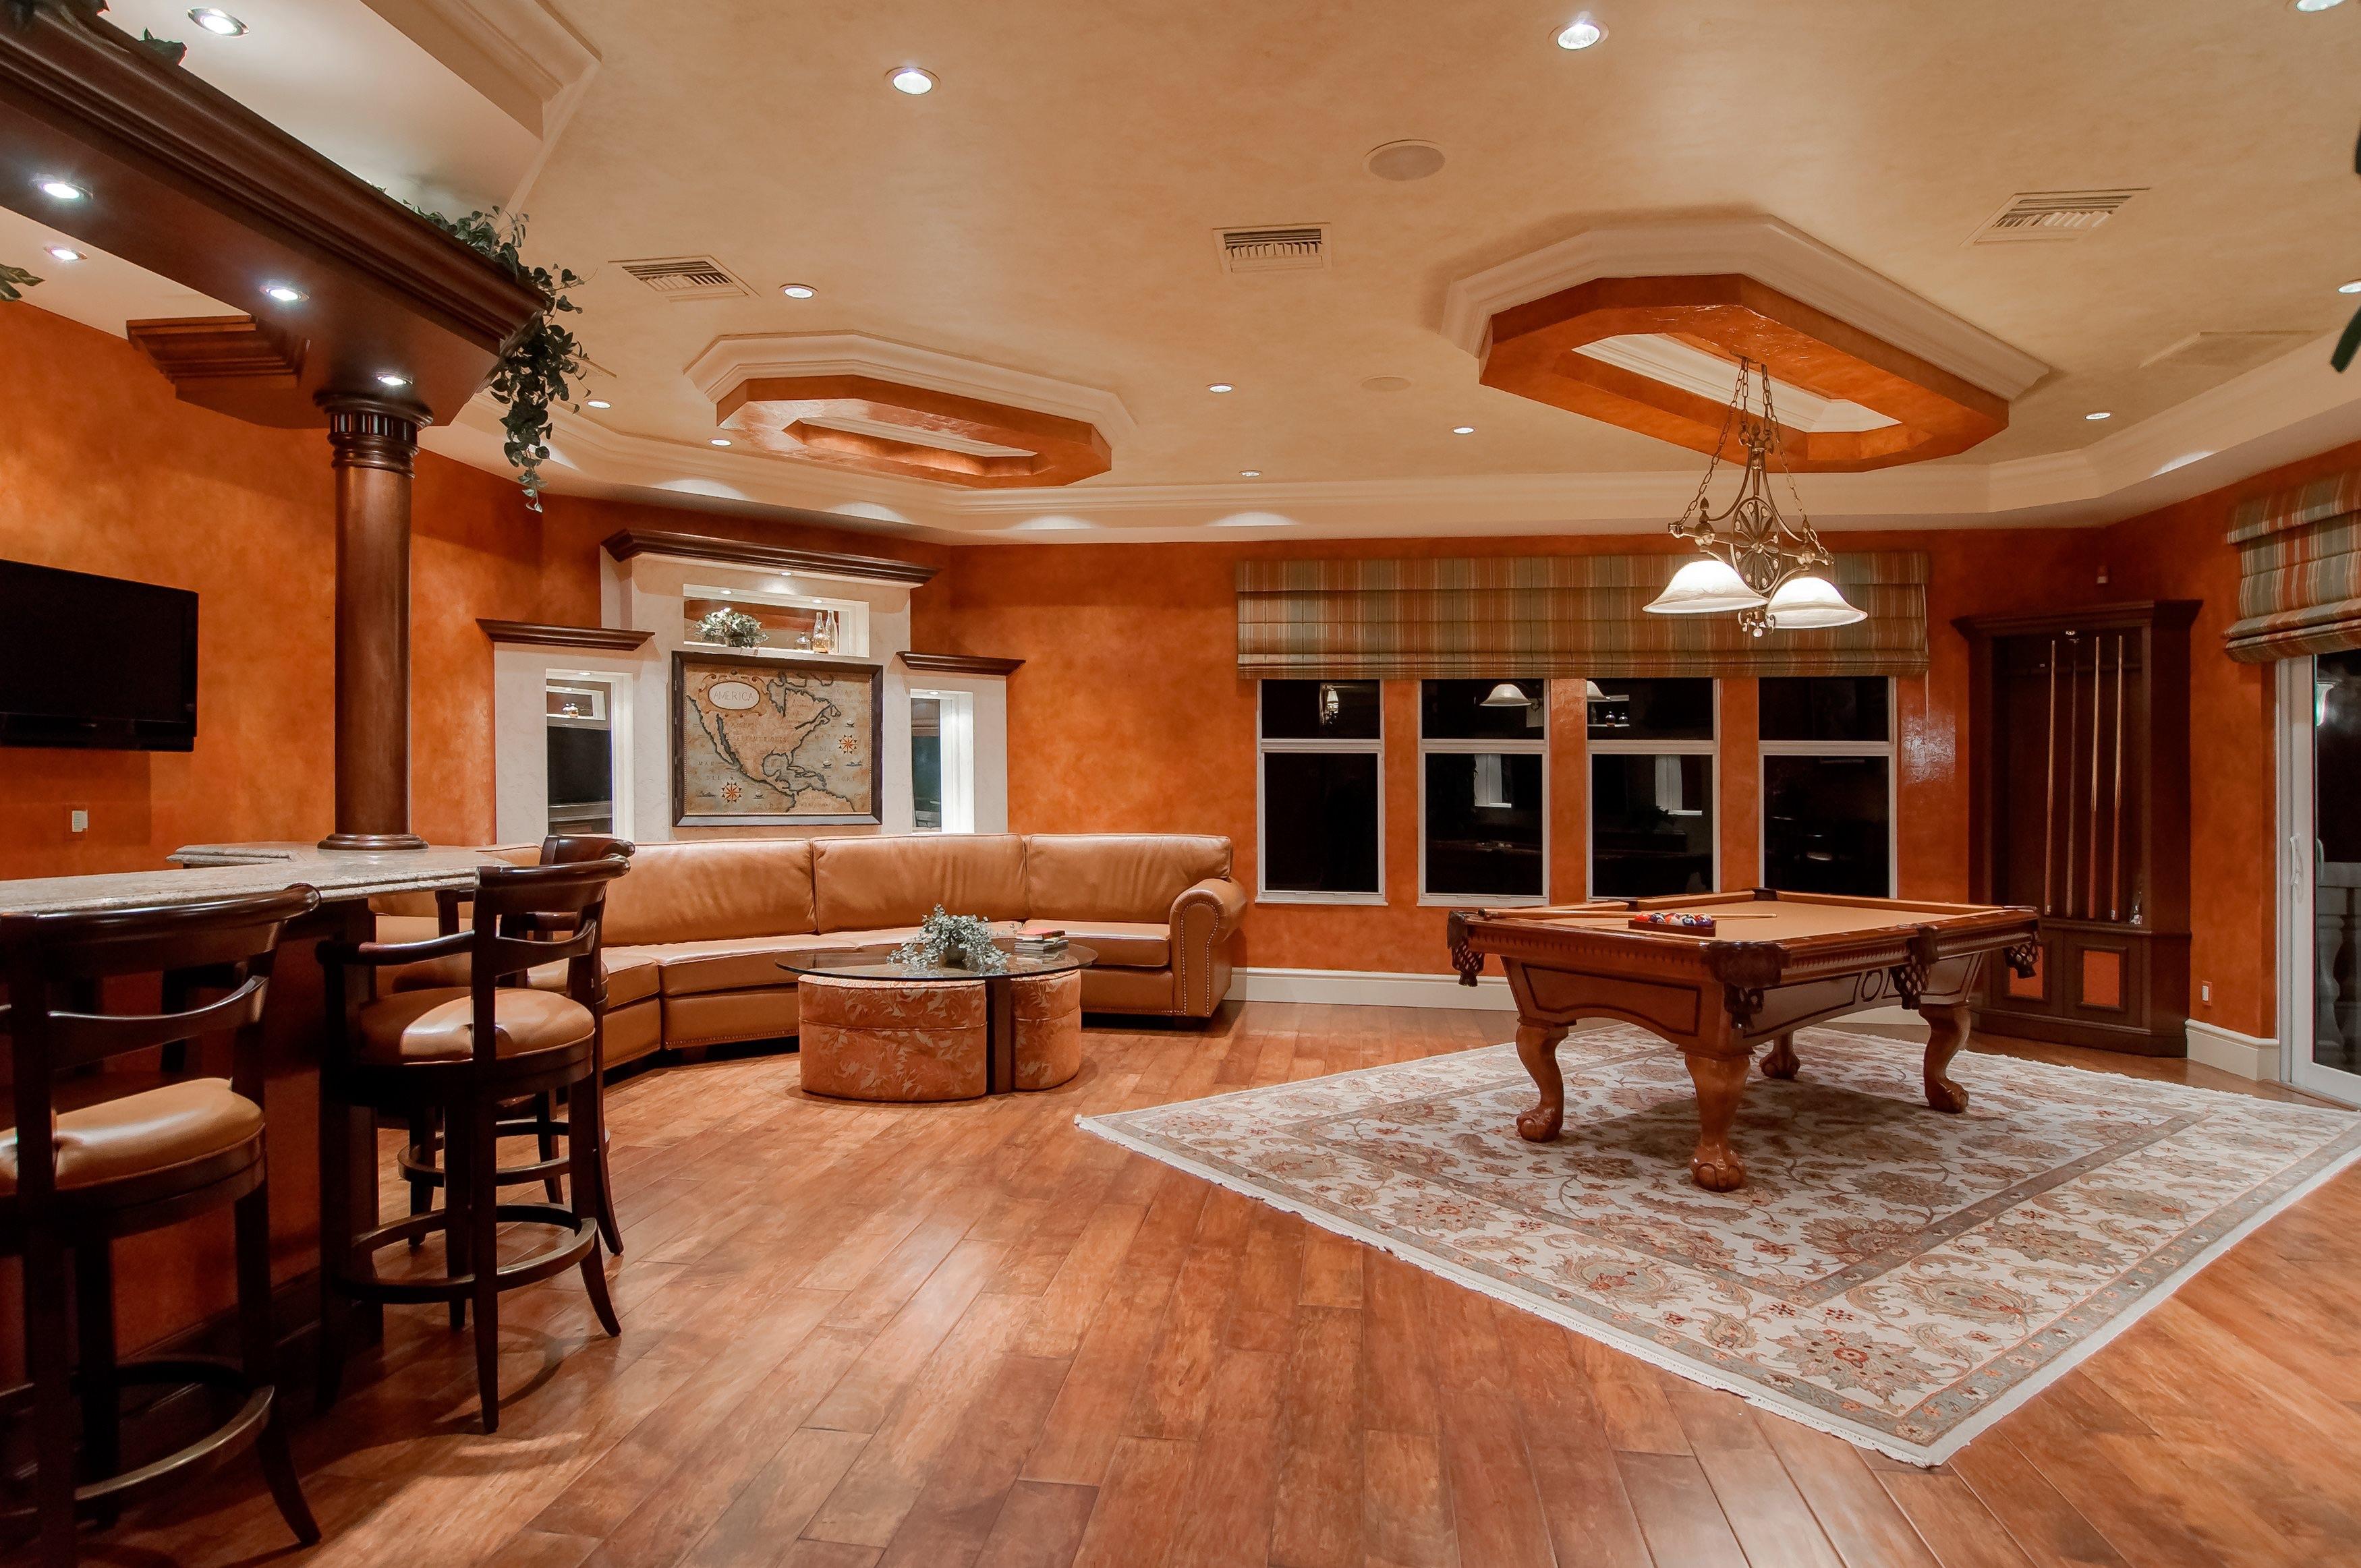 Fotos gratis : casa, piso, interior, bar, techo, cocina, propiedad ...